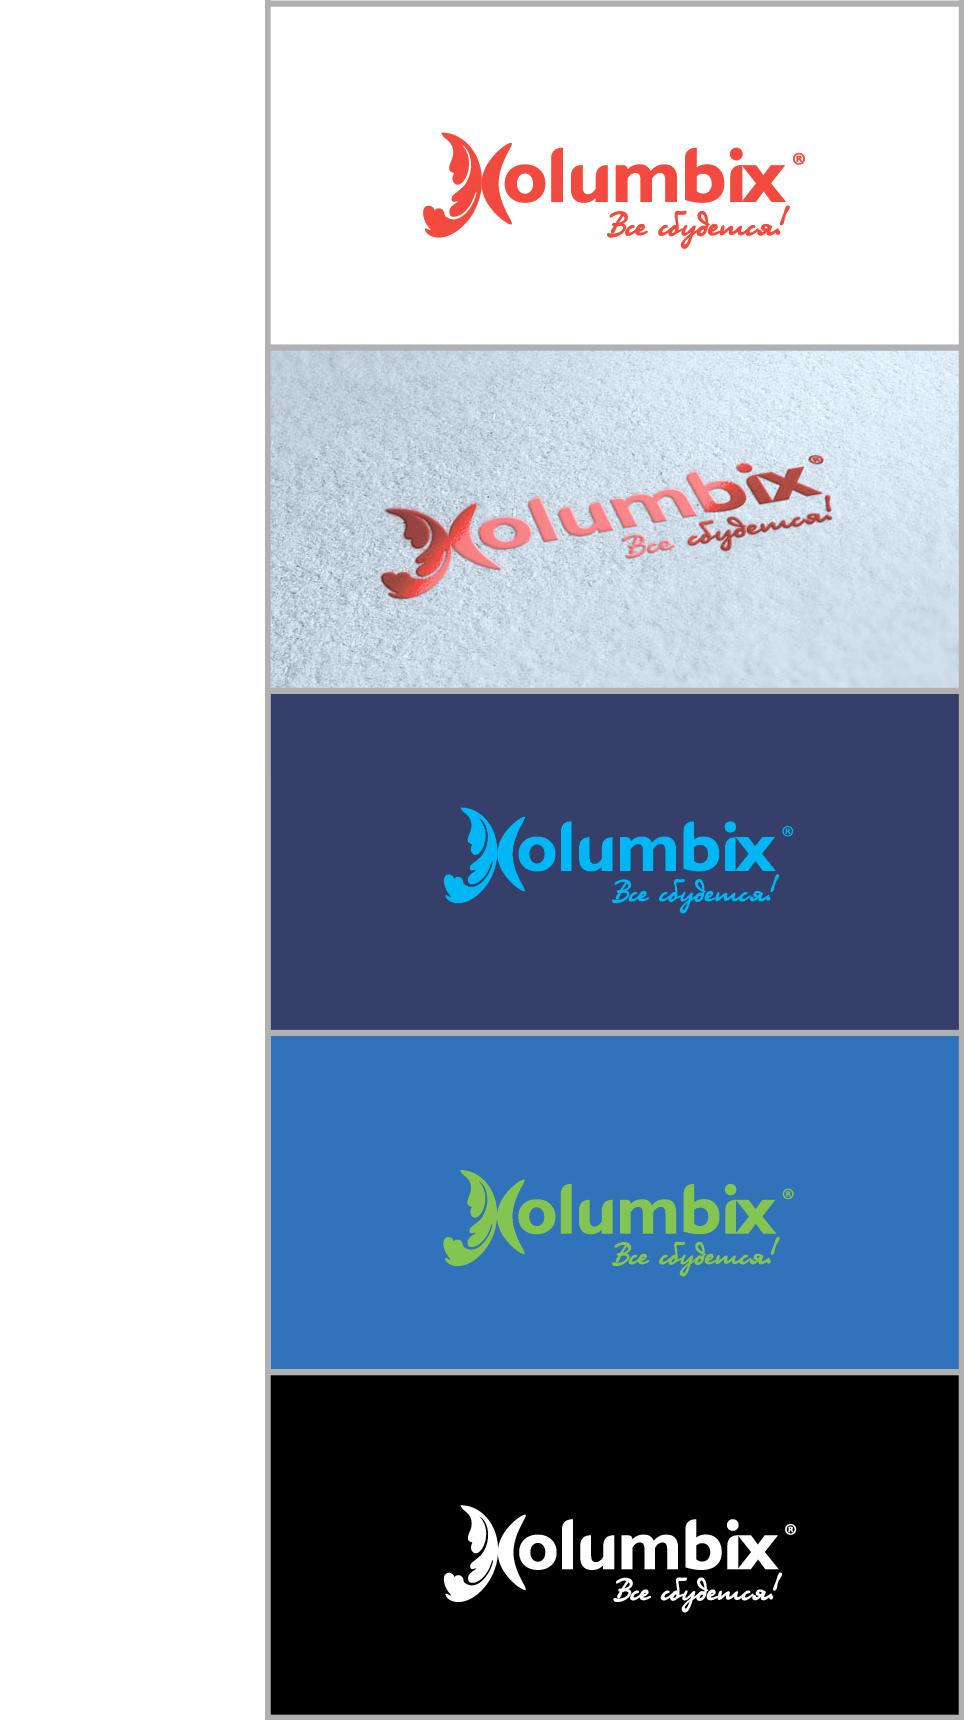 Создание логотипа для туристической фирмы Kolumbix фото f_4fb9727e41aa2.png